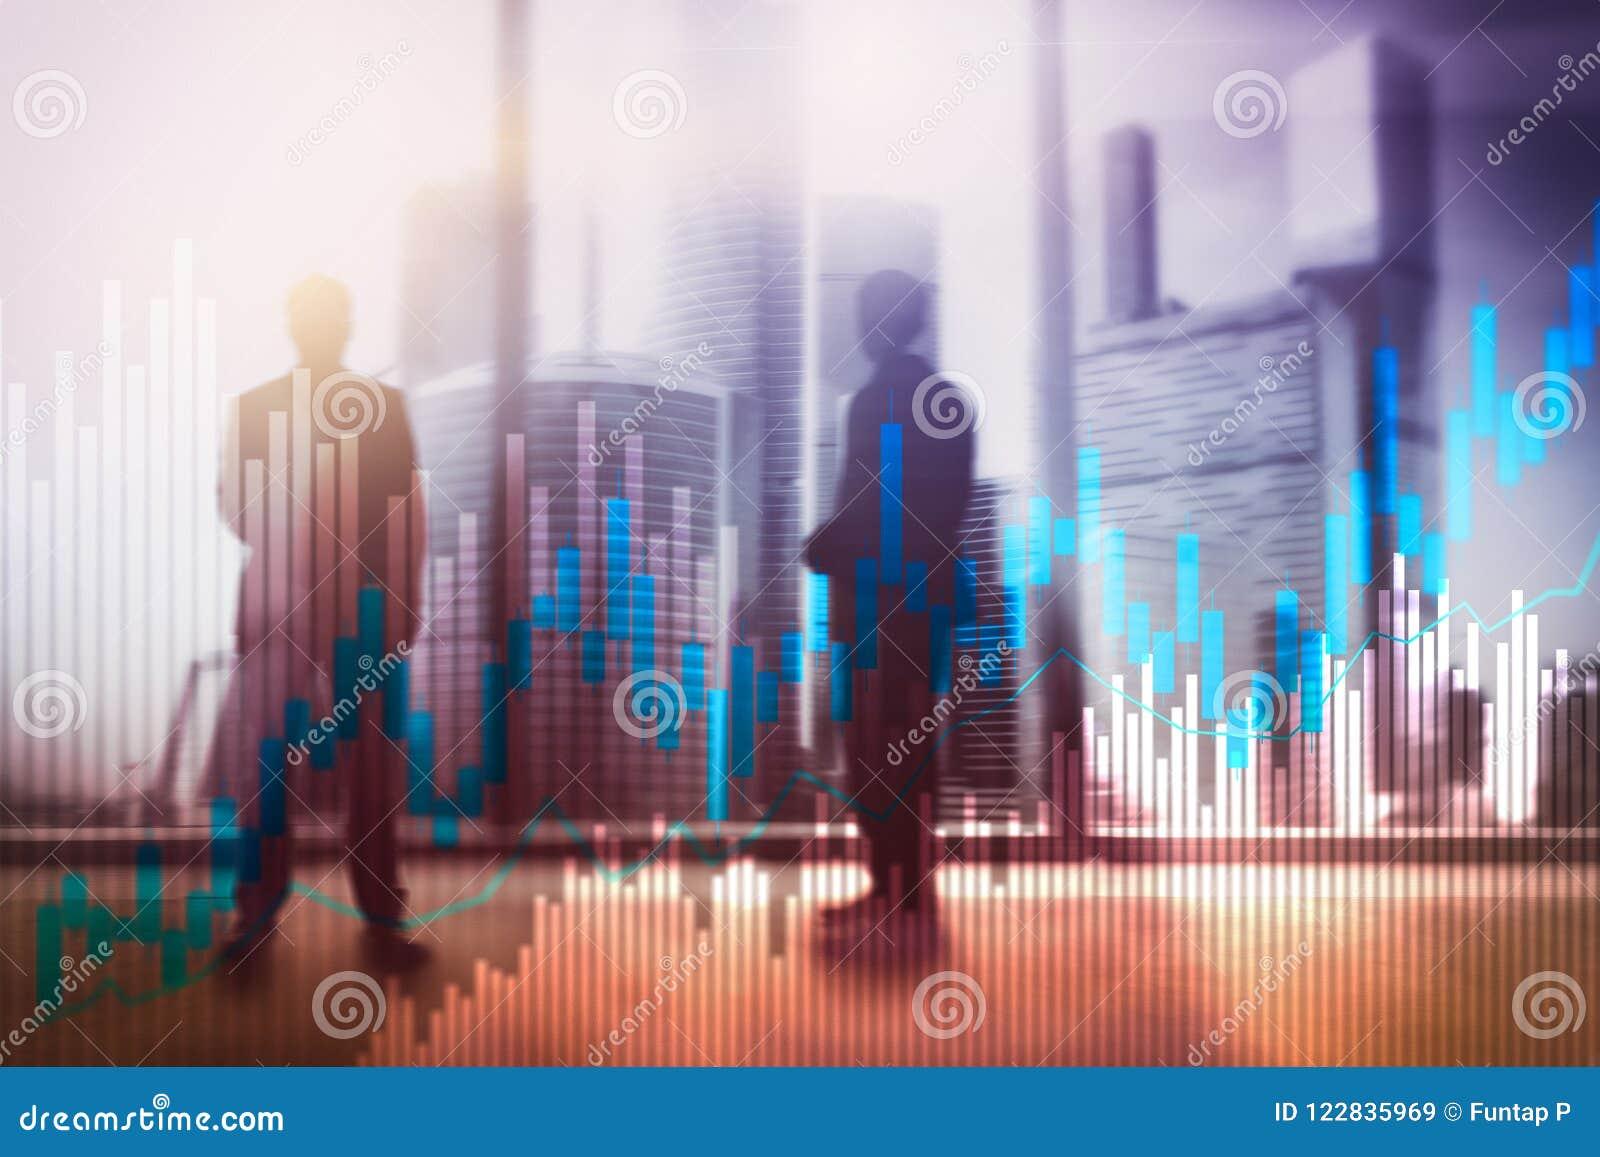 Akcyjnego handlu candlestick diagramy na zamazanym biurze i mapa ześrodkowywamy tło